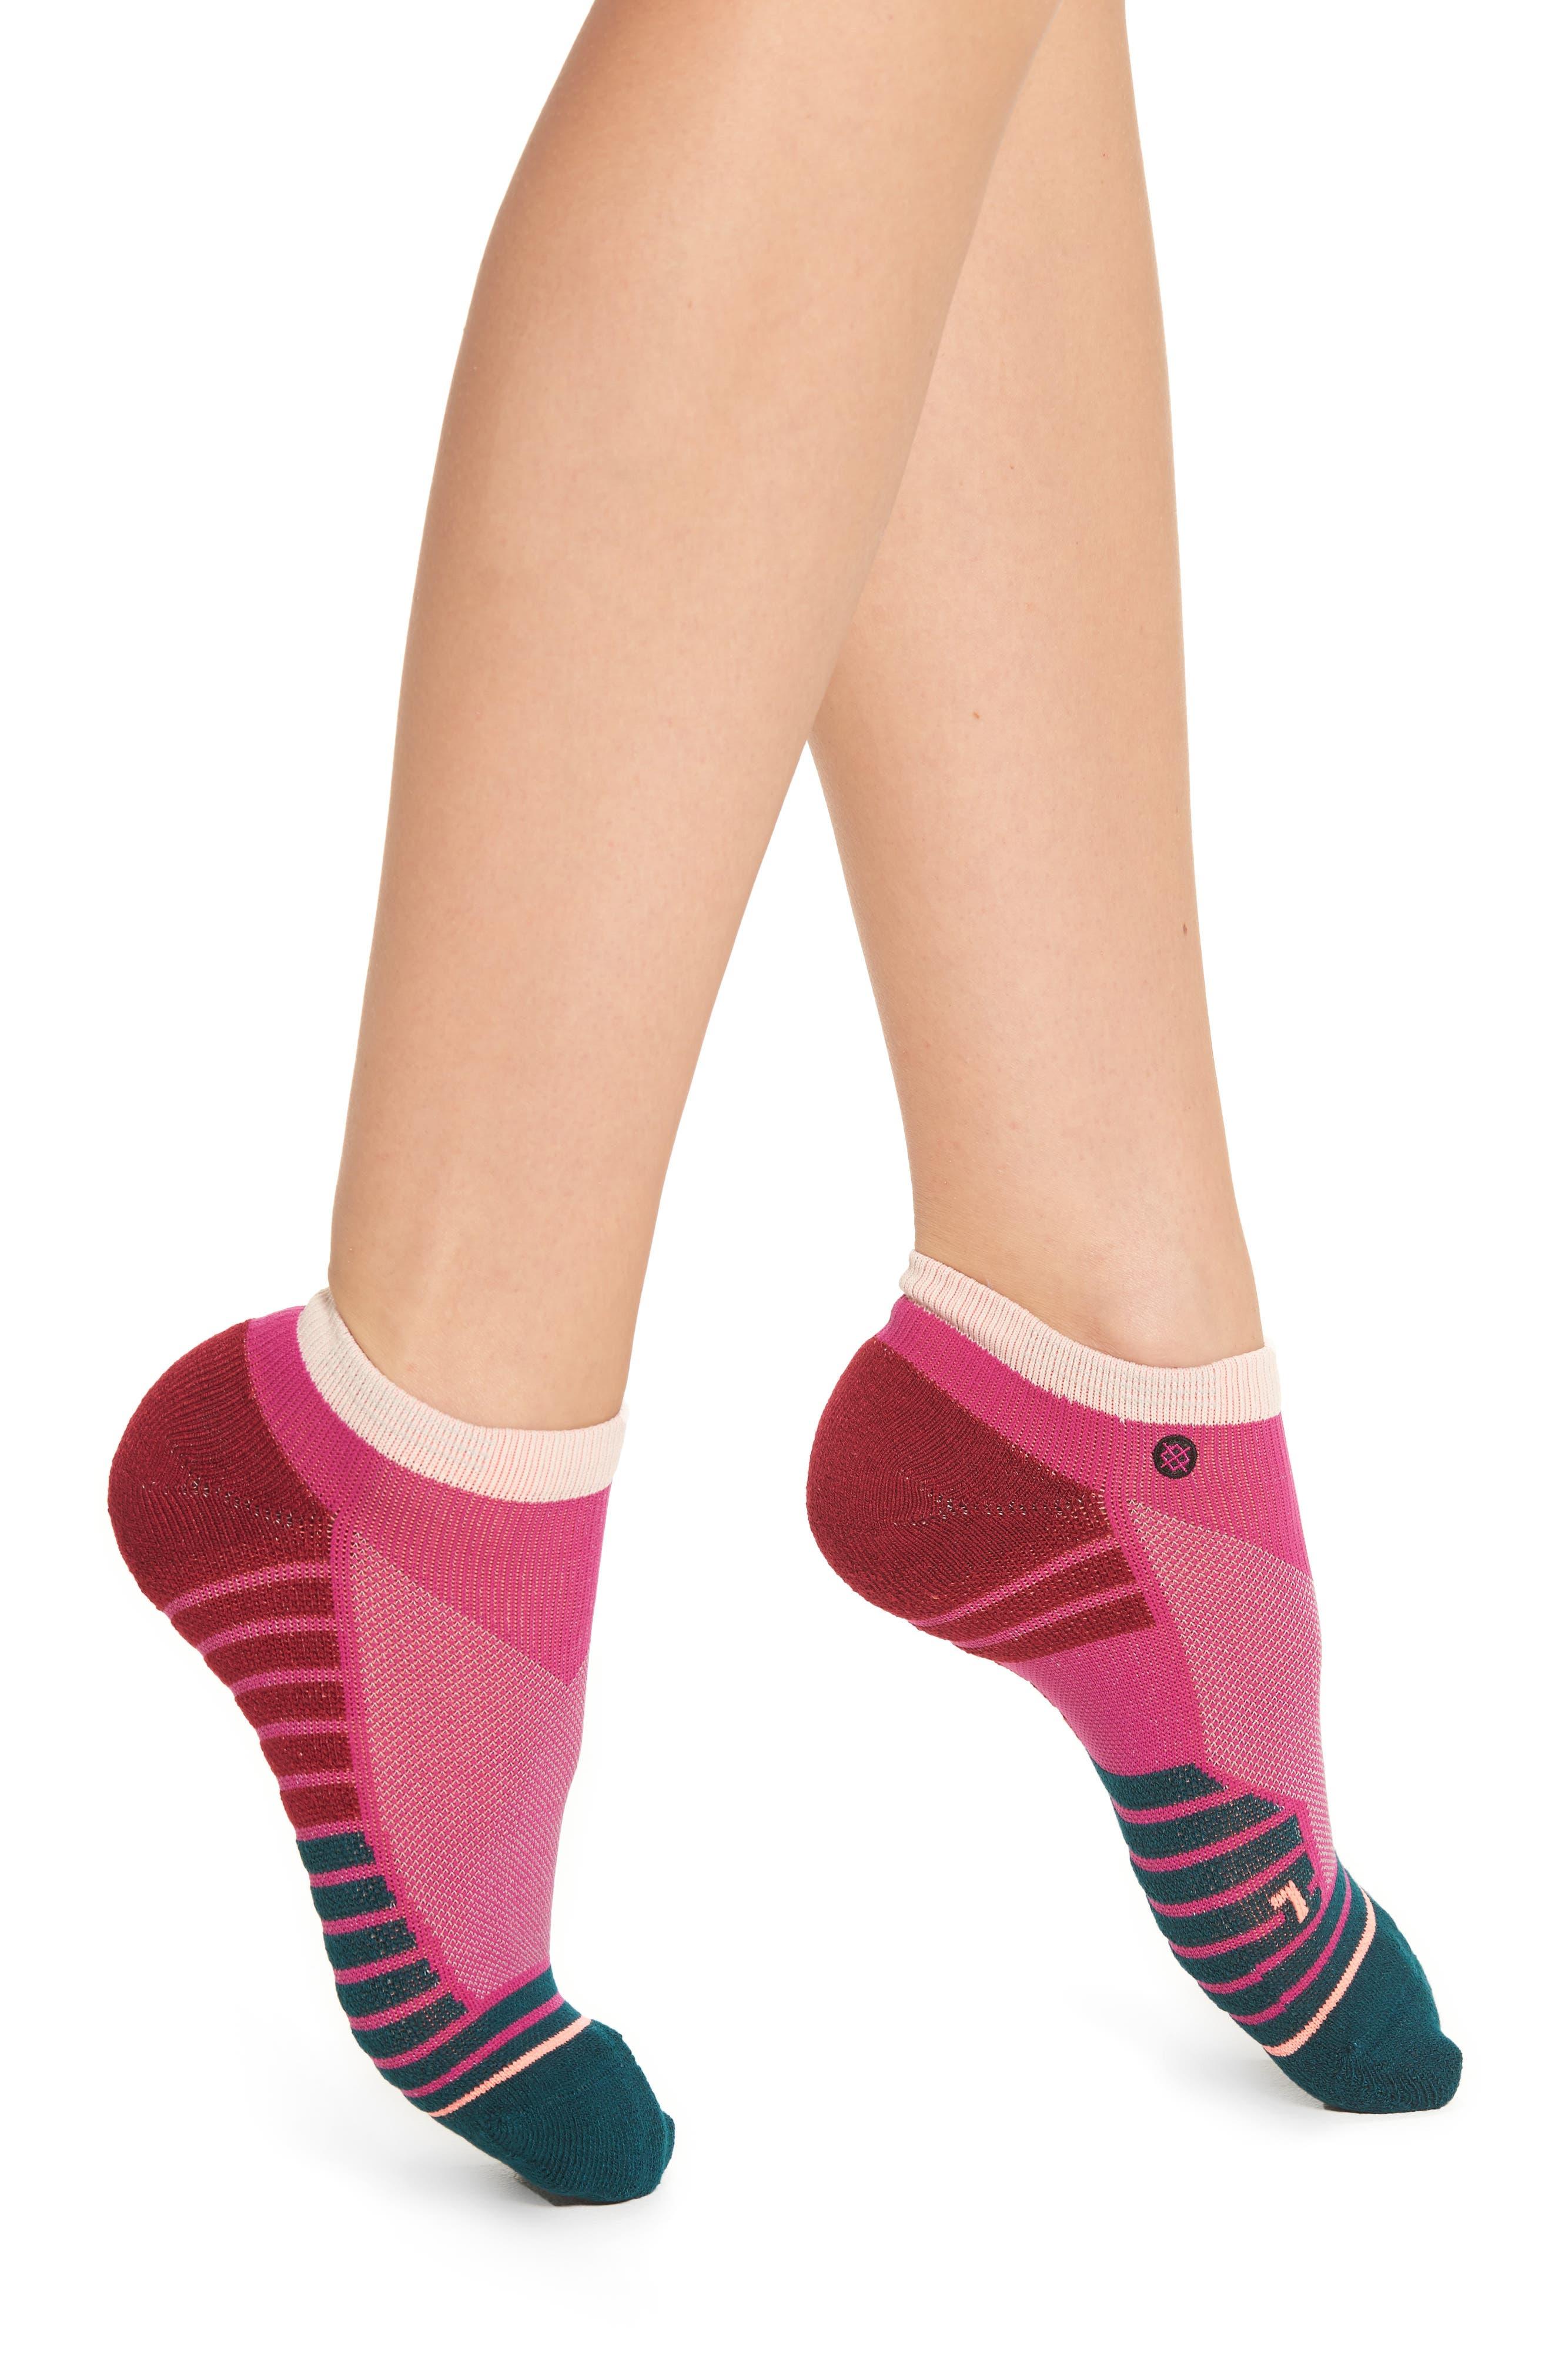 Tone Athletic Low Cut Socks,                         Main,                         color, Fuchsia